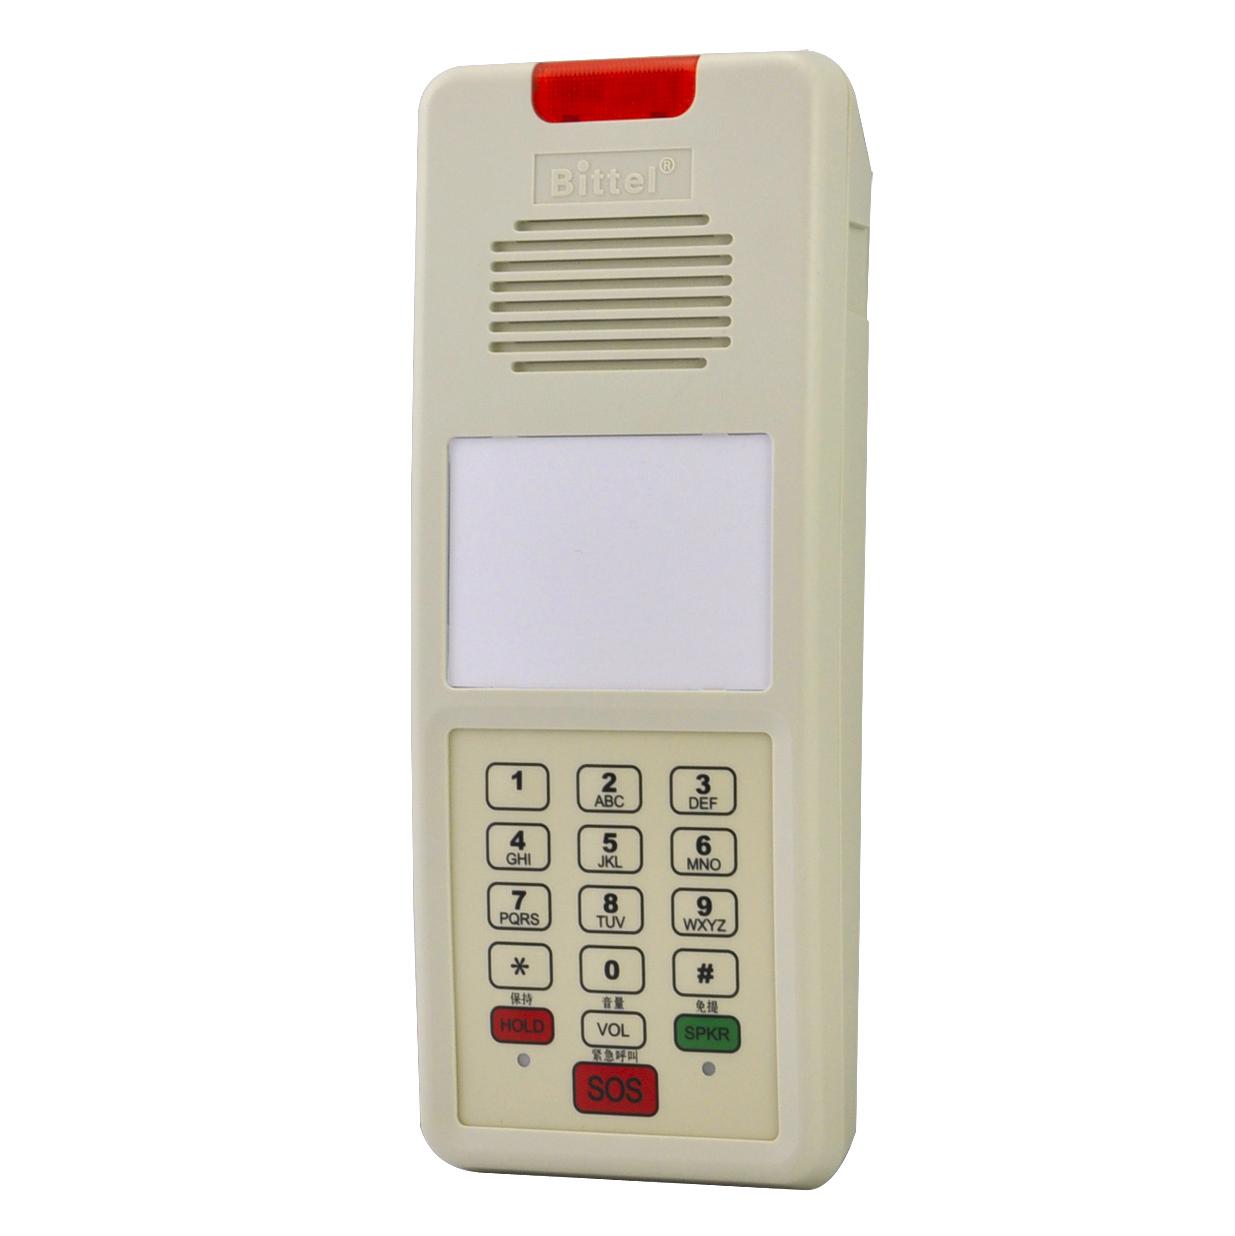 比特酒店宾馆壁挂电话机电梯专用壁挂式挂墙电话一键紧急呼叫